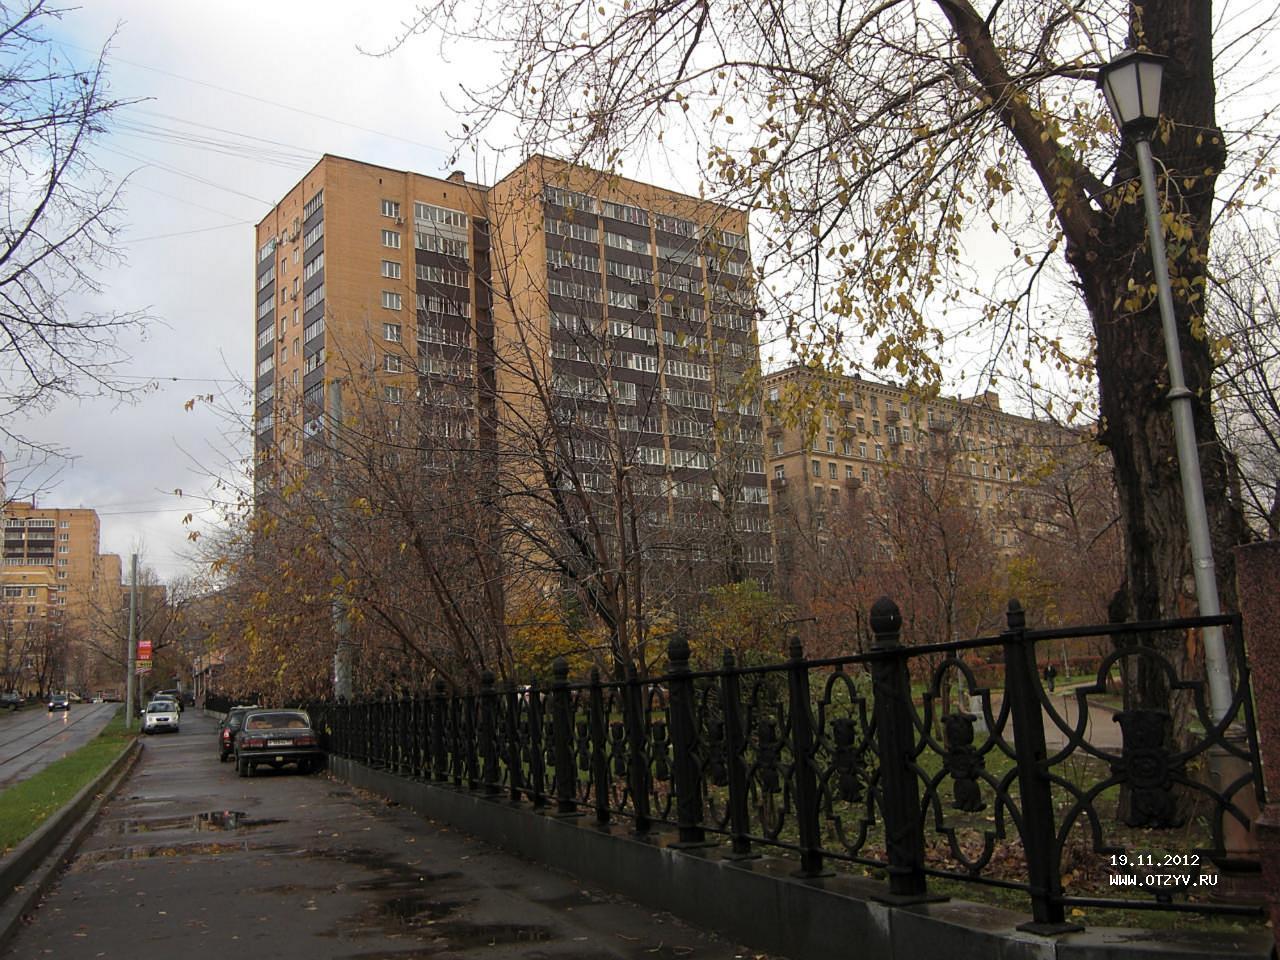 Документы для кредита в москве Факельный Большой переулок со скольки лет возможен трудовой стаж